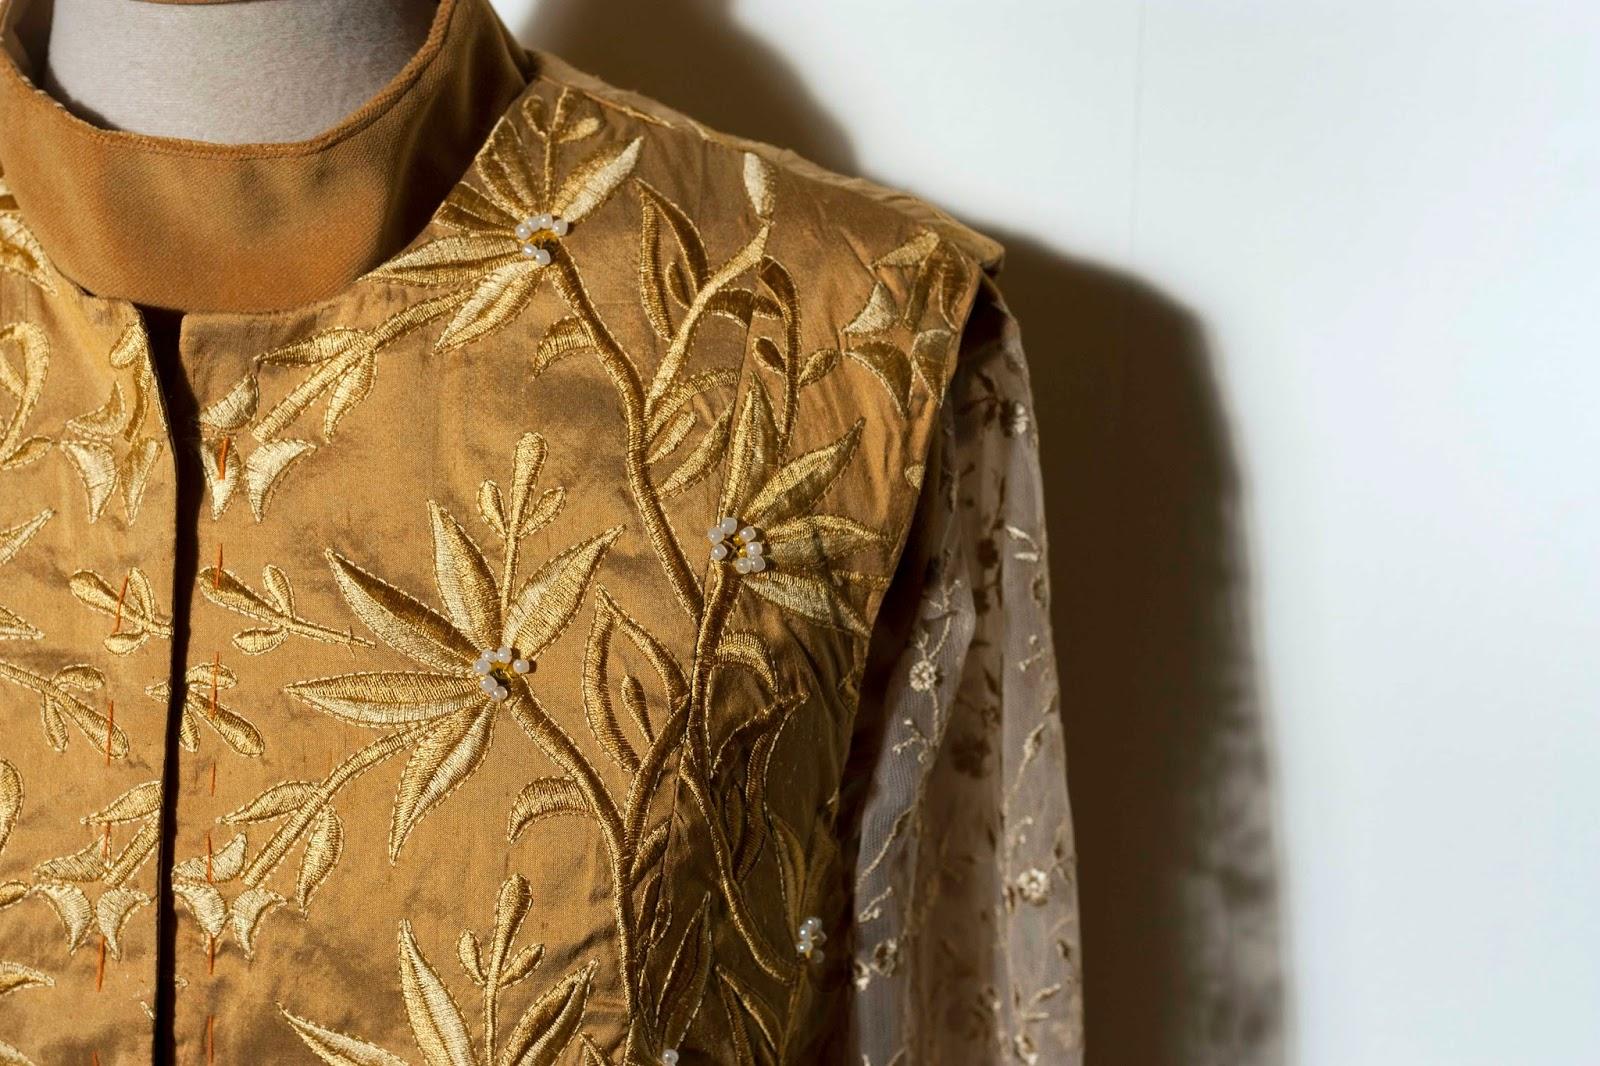 golden vest embellished with pearls